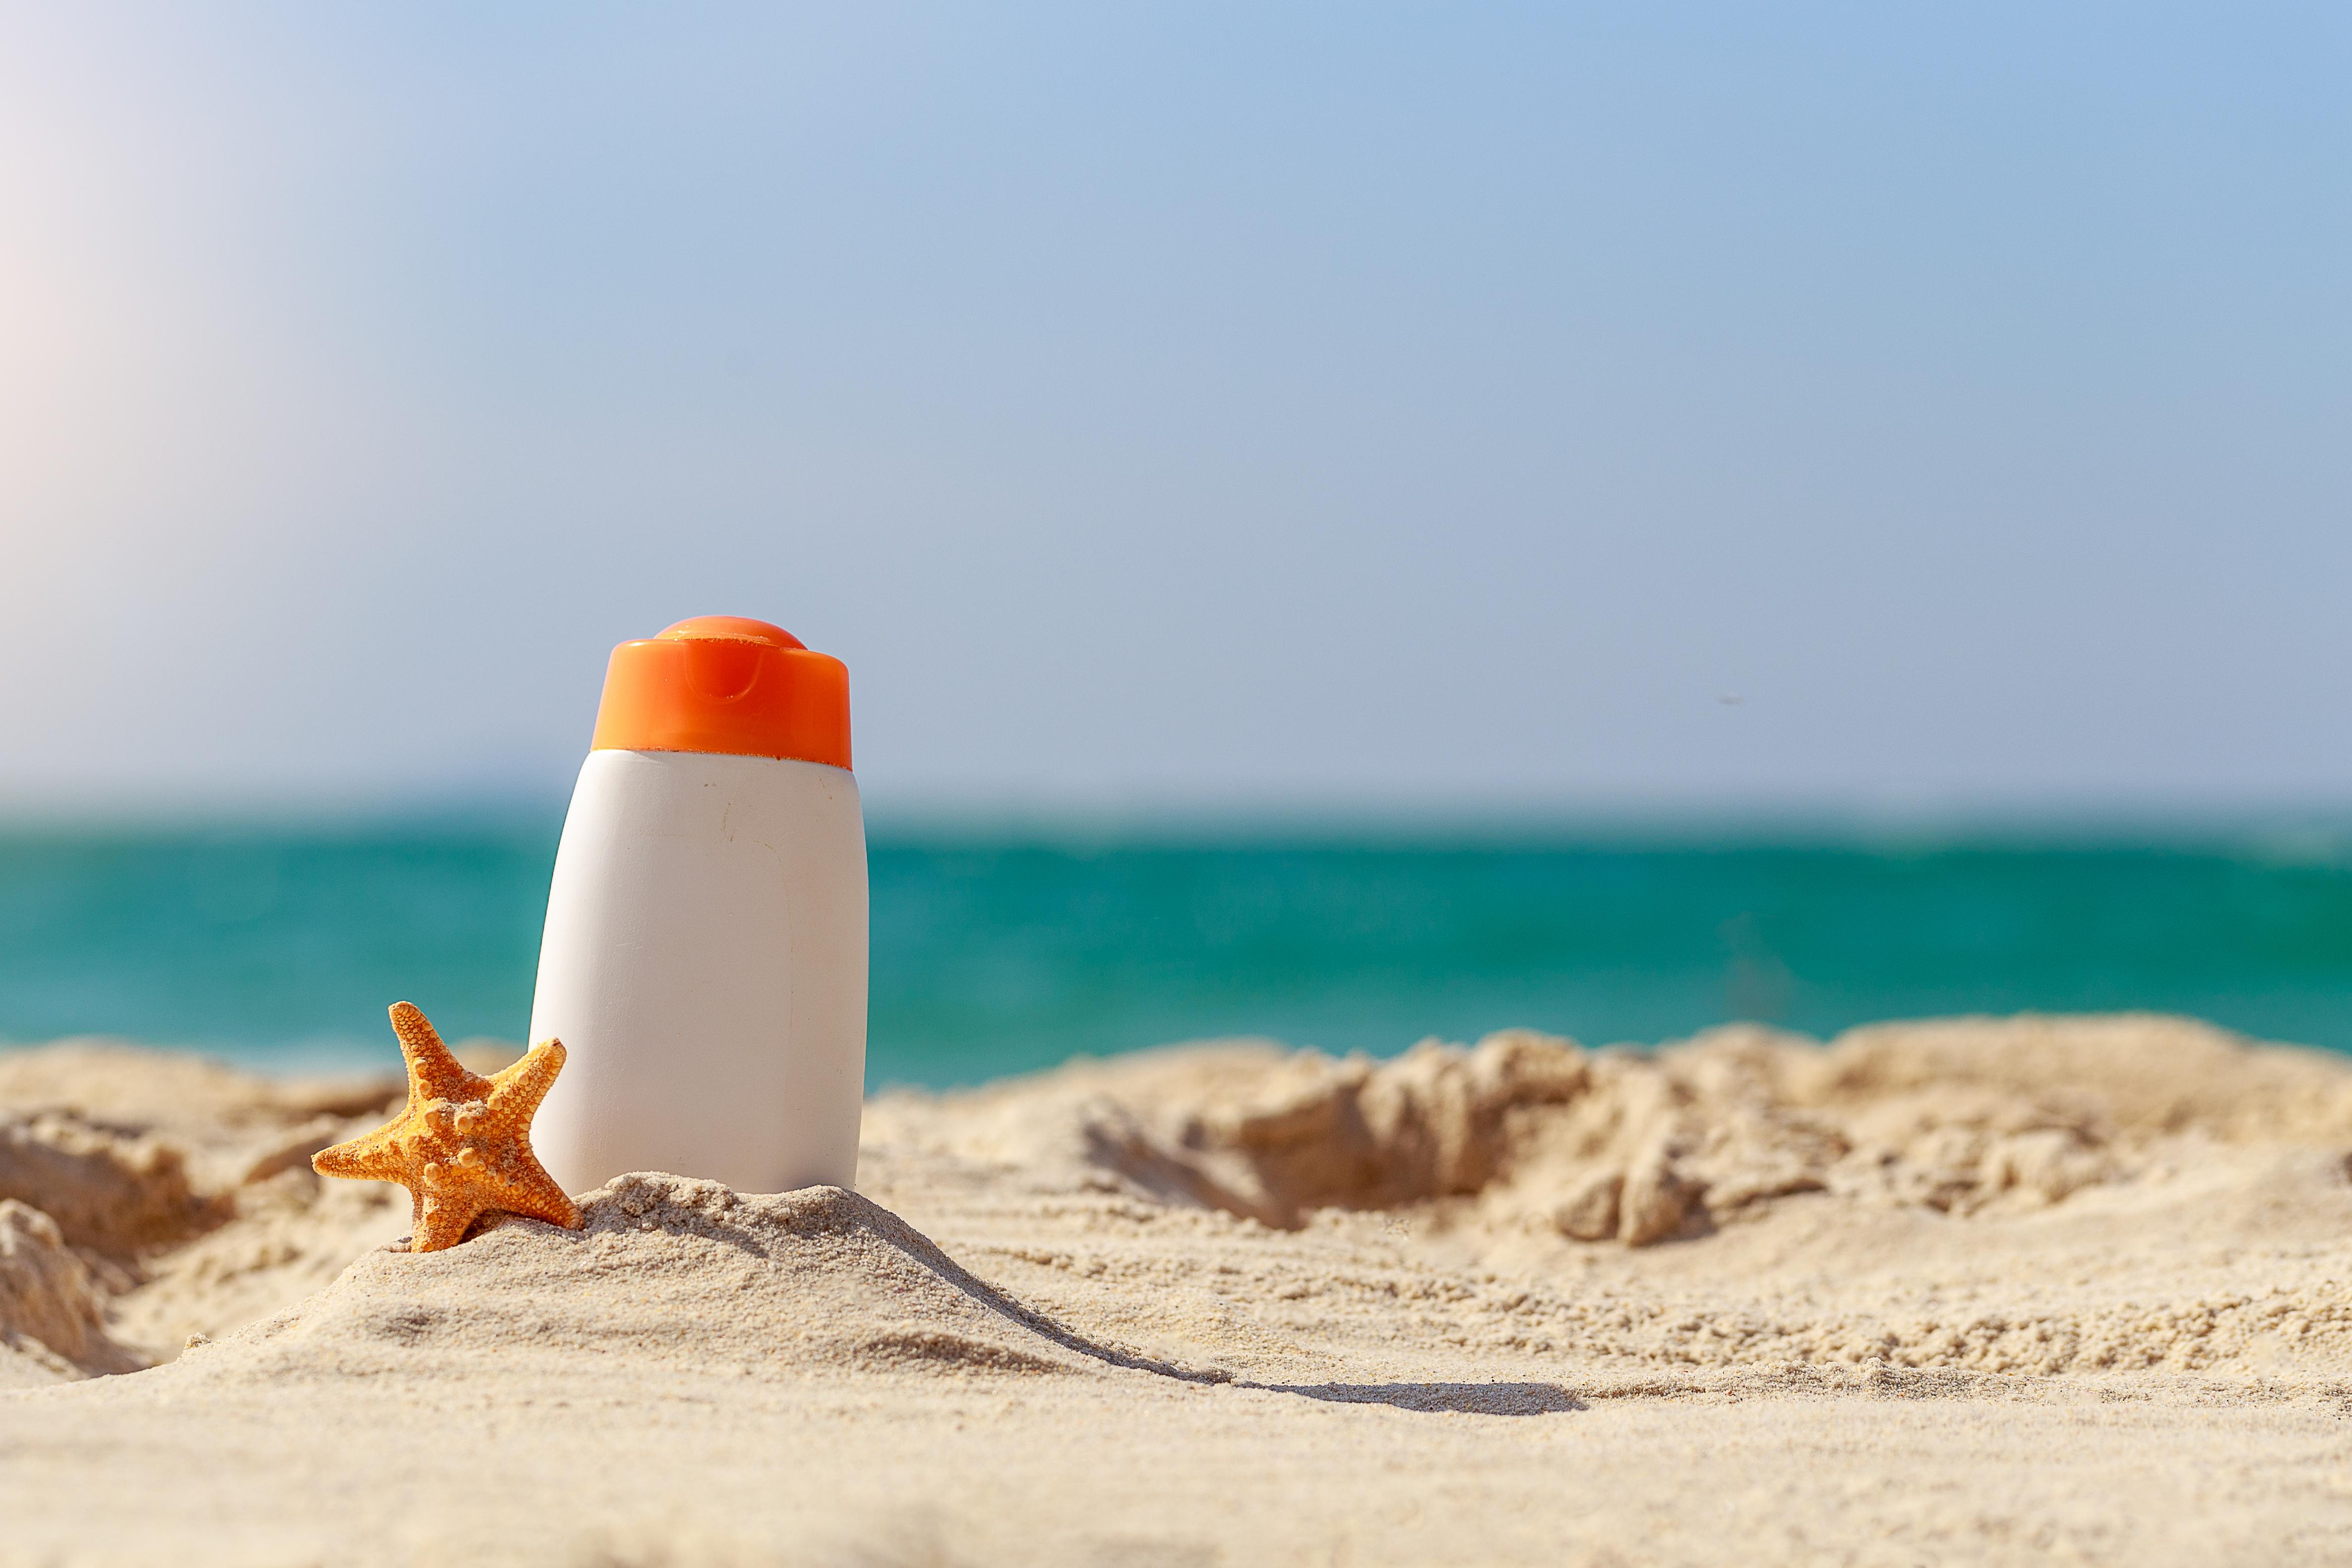 Zonbescherming, de do's en don'ts. Zodra de zon begint te schijnen, grijpen veel massaal naar de zonnebrandcrèmes. Maar is dit wel zo verstandig? Via dit artikel probeer ik jullie wat meer informatie hierover te geven waarna jullie zelf een keuze kunnen uit de diverse verkrijgbare zonnebrandcrèmes.